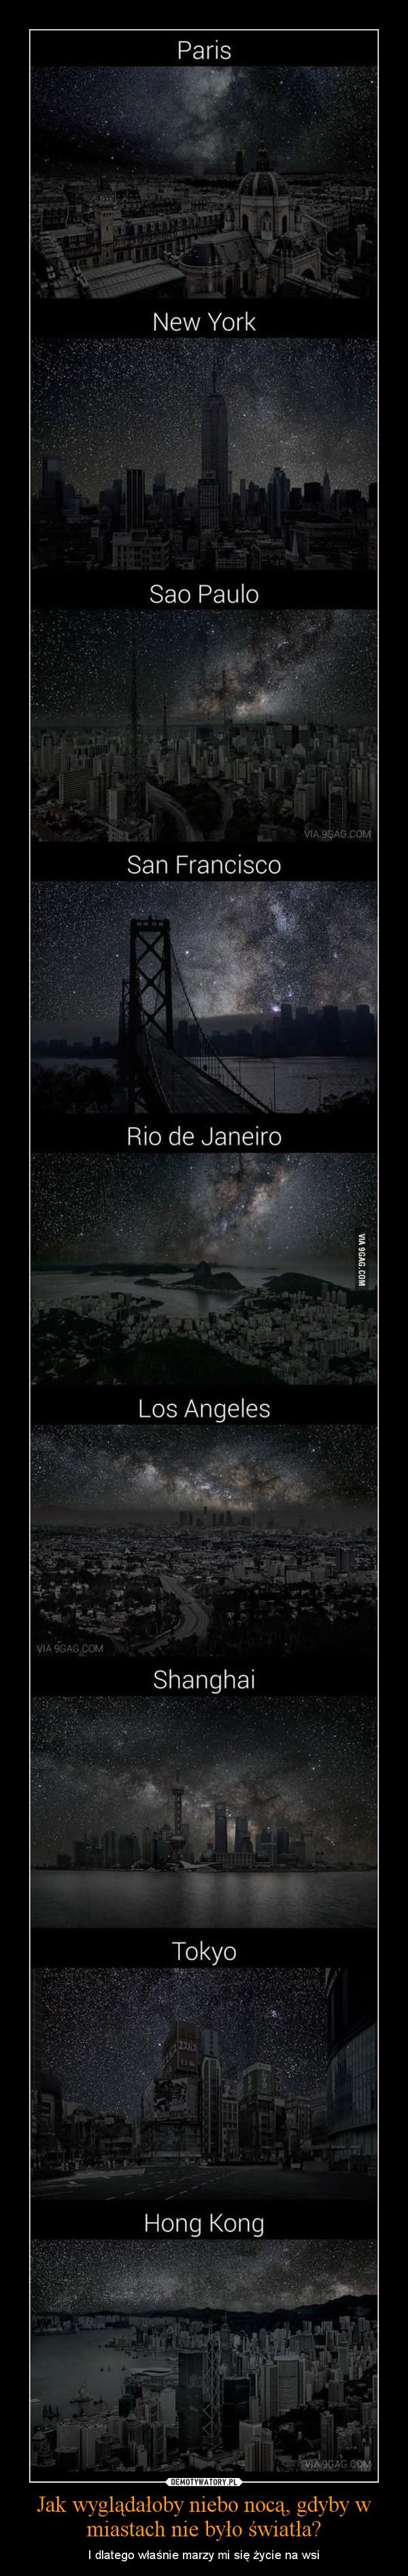 Jak wyglądałoby niebo nocą, gdyby w miastach nie było światła? – I dlatego właśnie marzy mi się życie na wsi